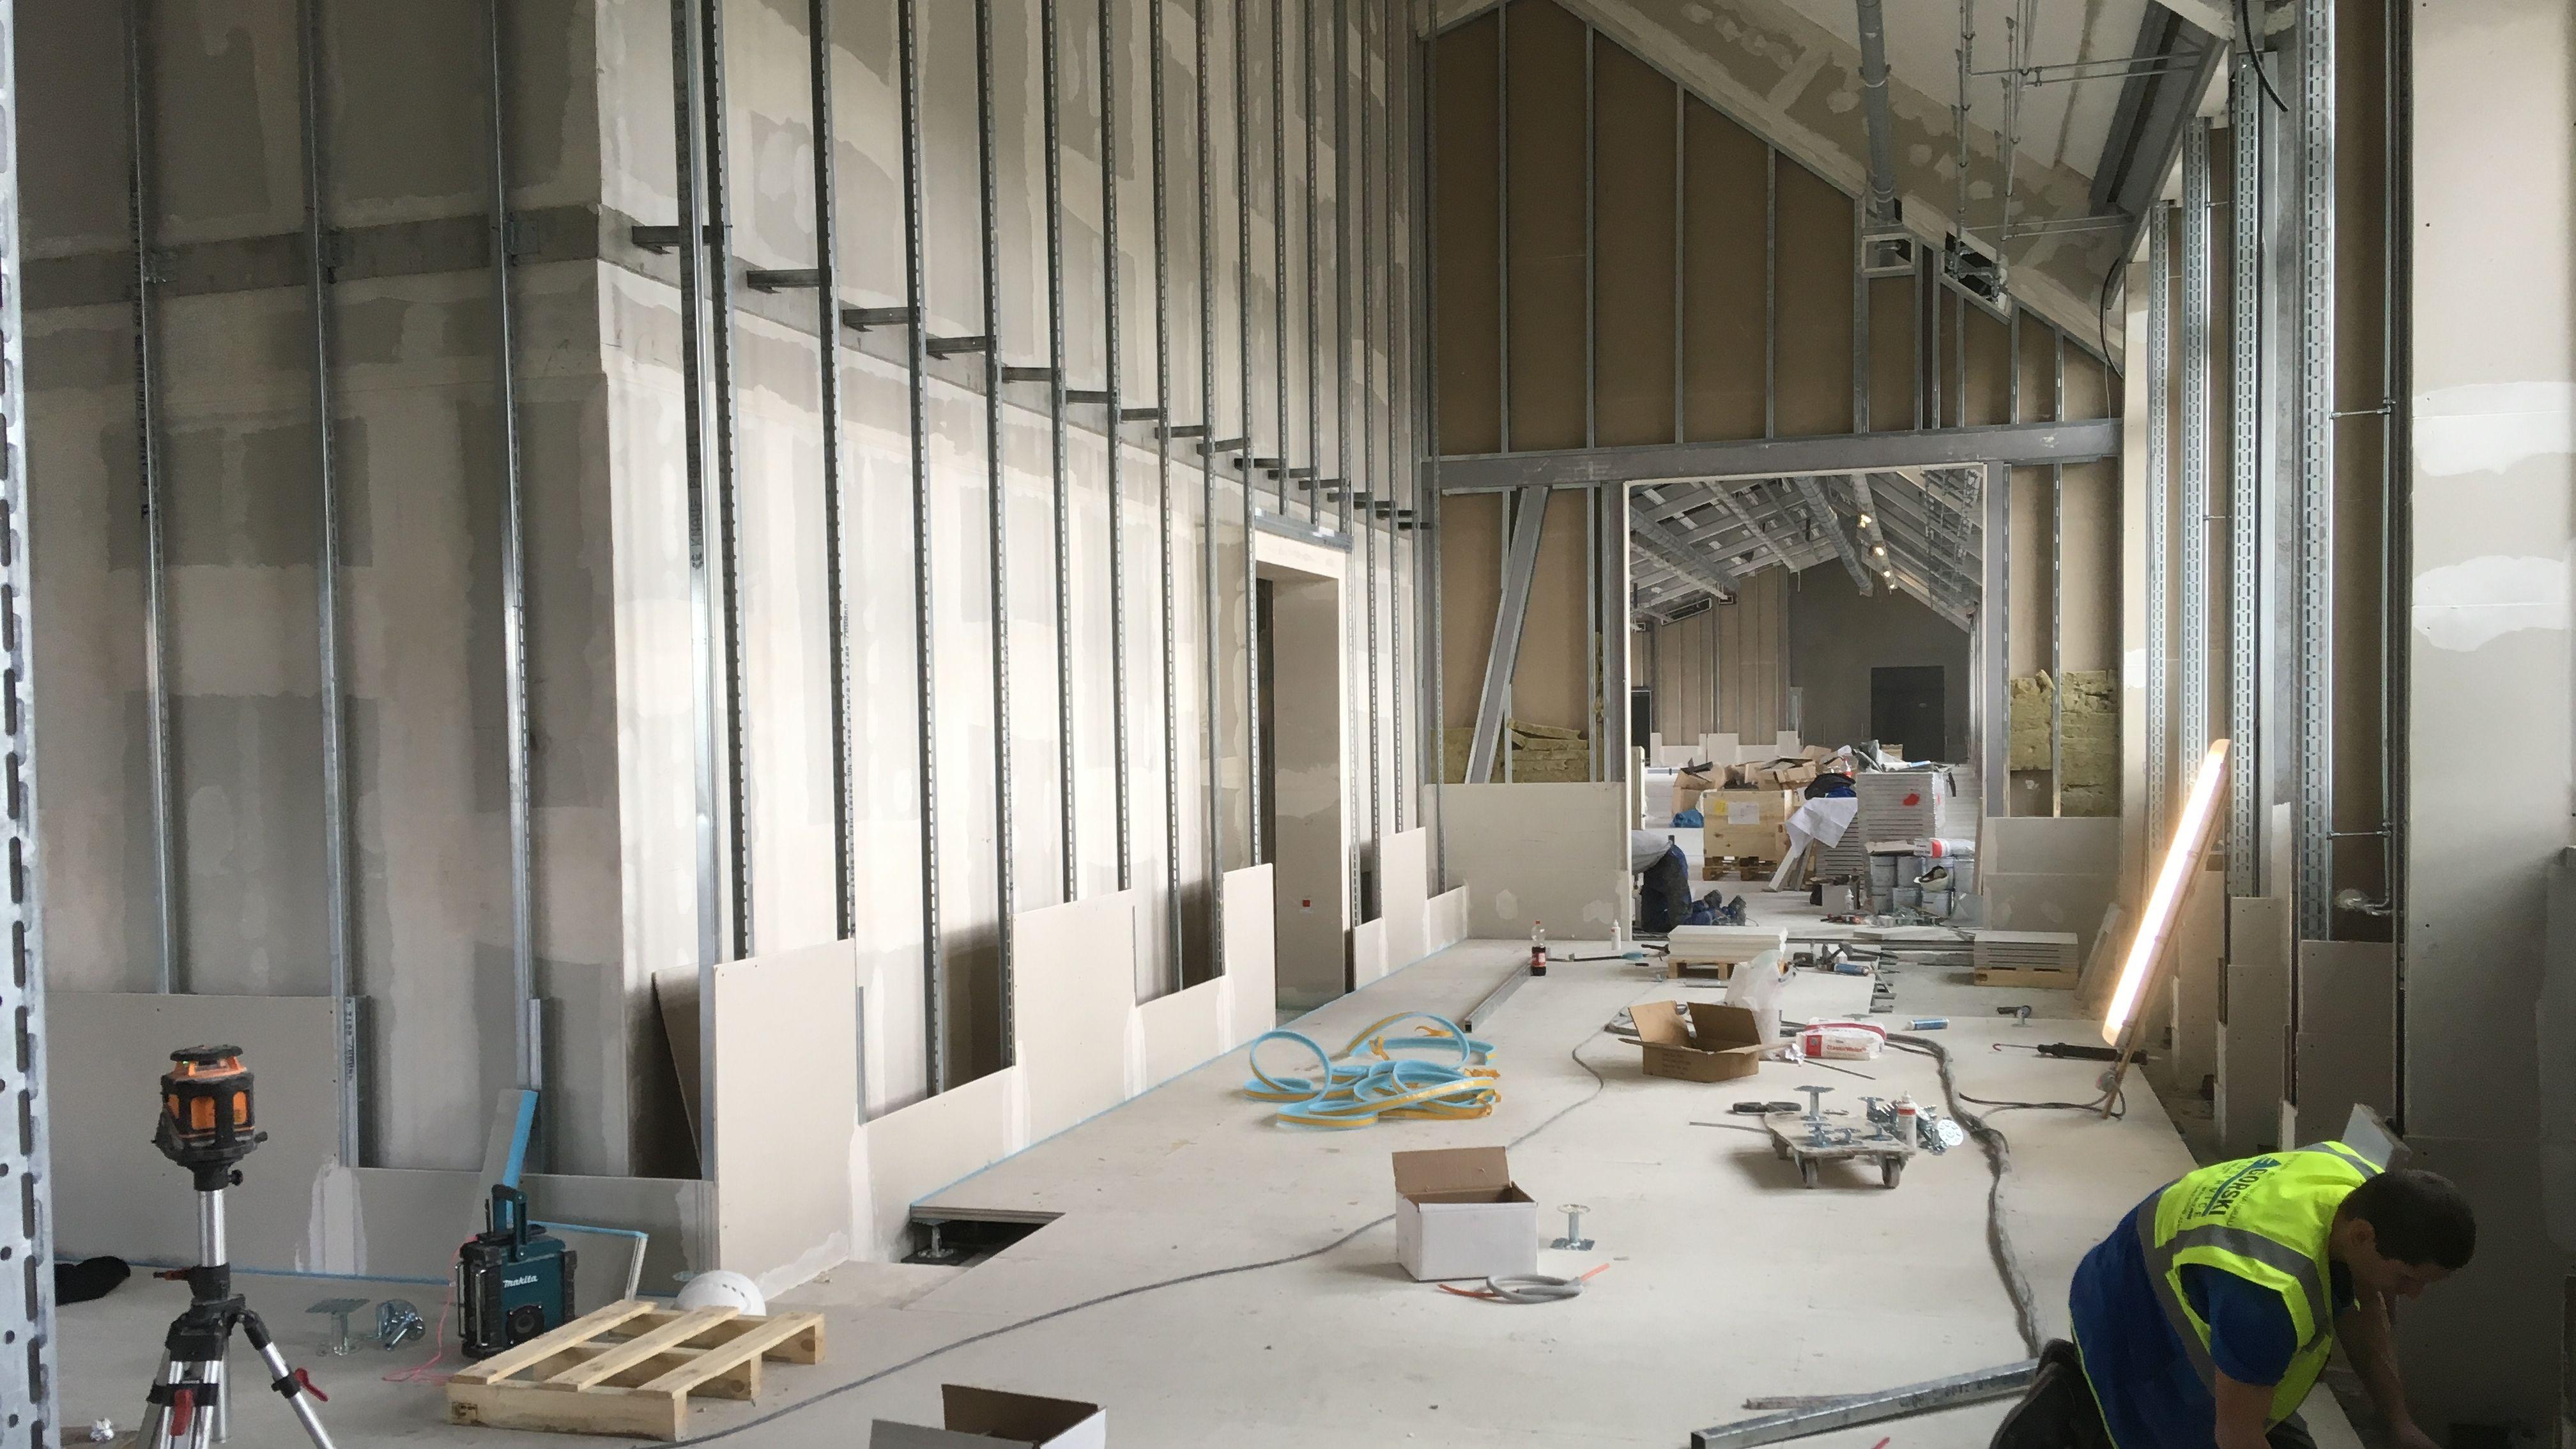 In den oberen Etagen des ersten Bauabschnittes sind die Rohbauarbeiten teilweise schon abgeschlossen. Hier verlegen die Bauarbeiter Böden und Wandverschalungen.